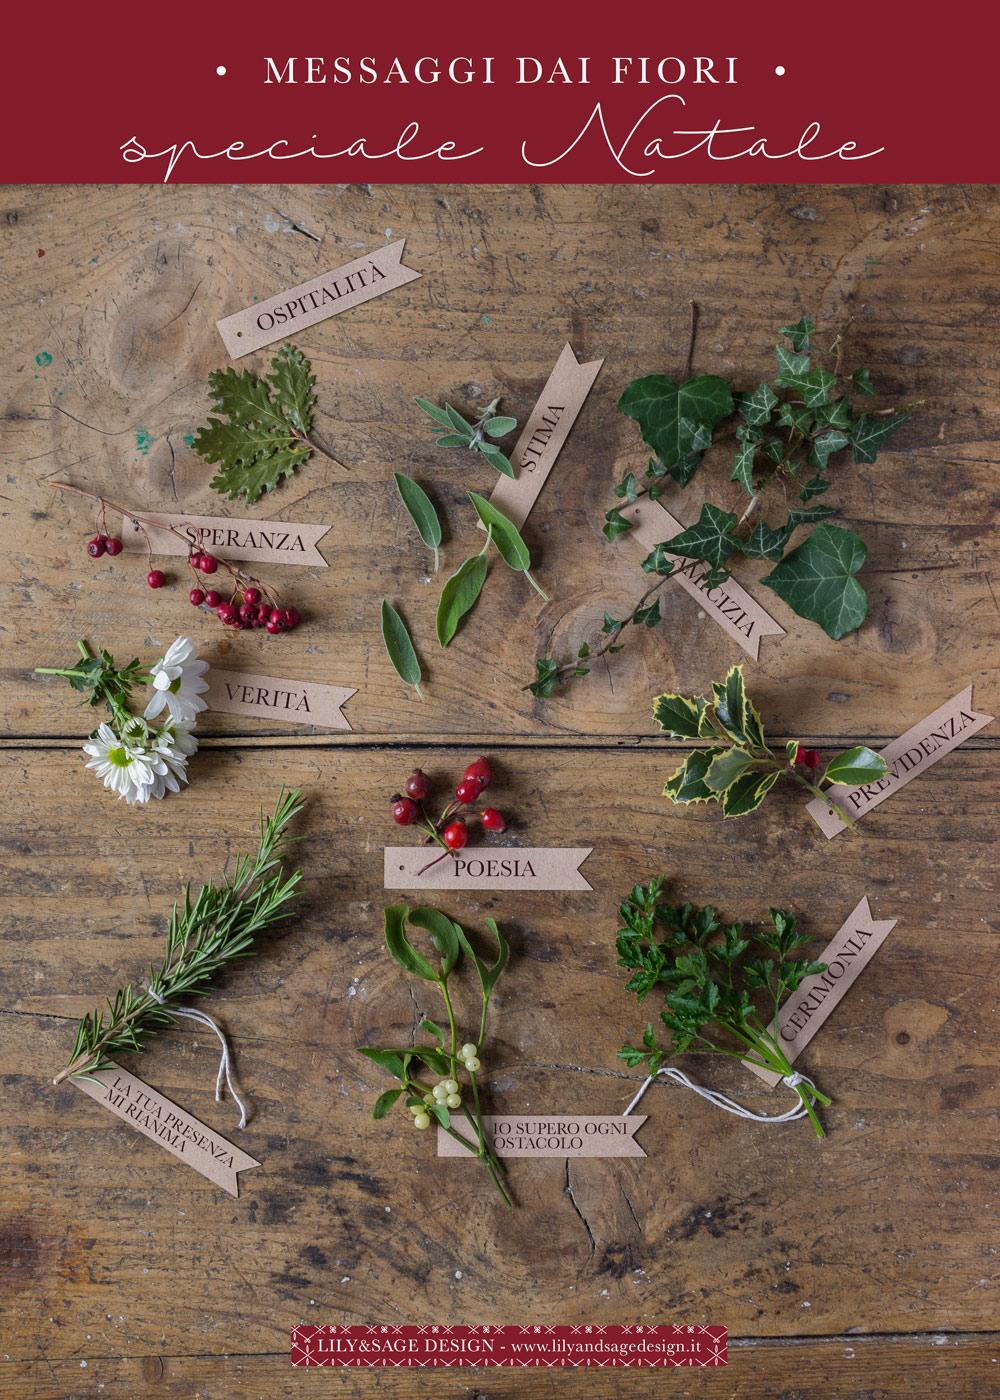 Linguaggio dei fiori - Speciale Natale: Agrifoglio, vischio, edera, rosa canina e molto altro - Lily&Sage Design